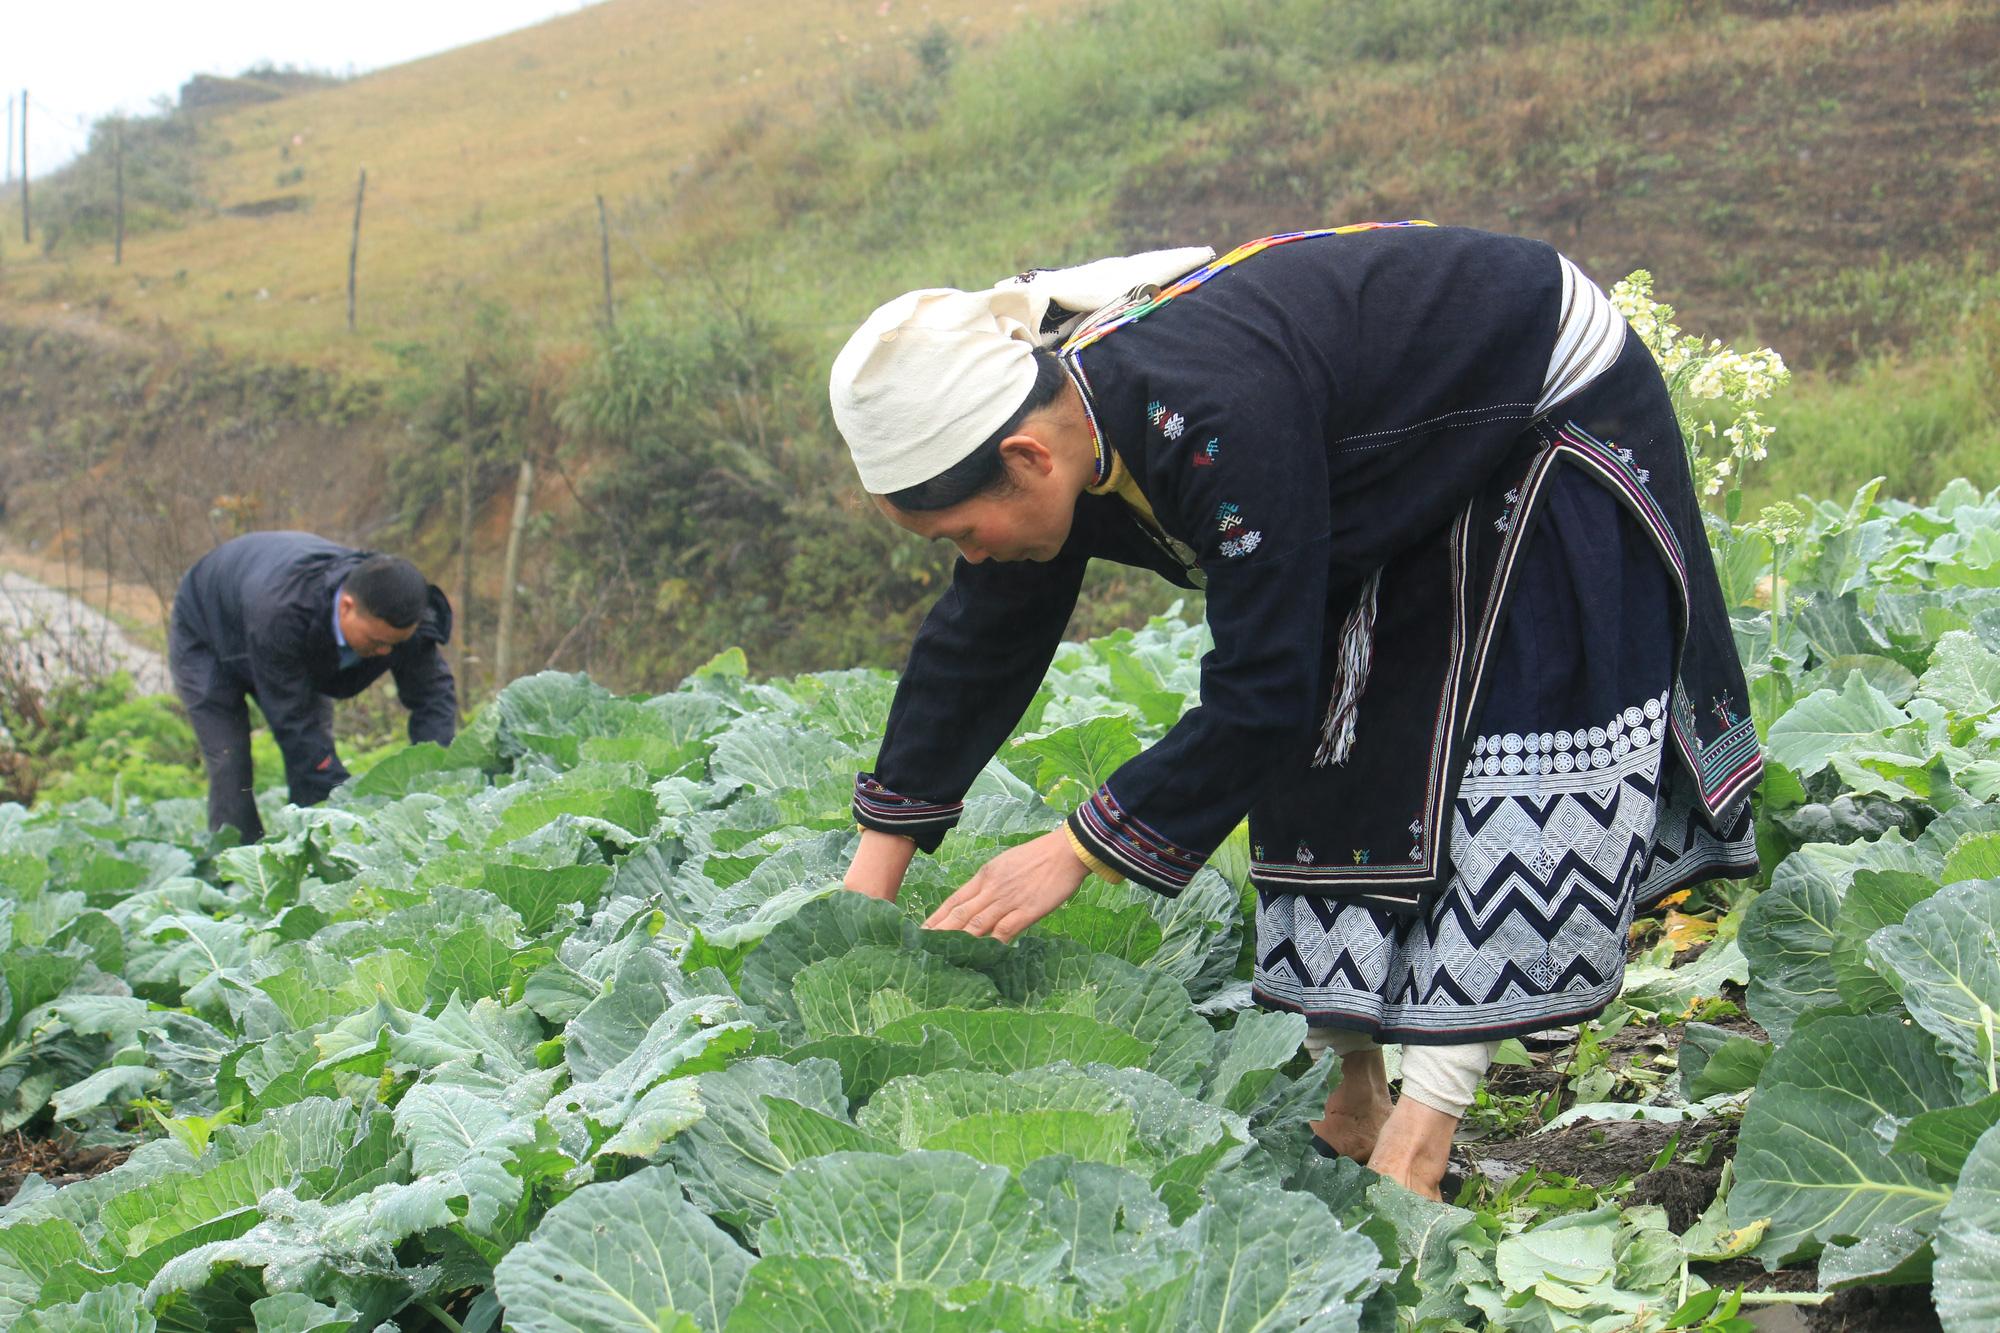 Tuyên Quang: Trồng rau hữu cơ trên đỉnh Kia Tăng thu nhập tăng gấp 3 lần so với trồng ngô, lúa. - Ảnh 1.